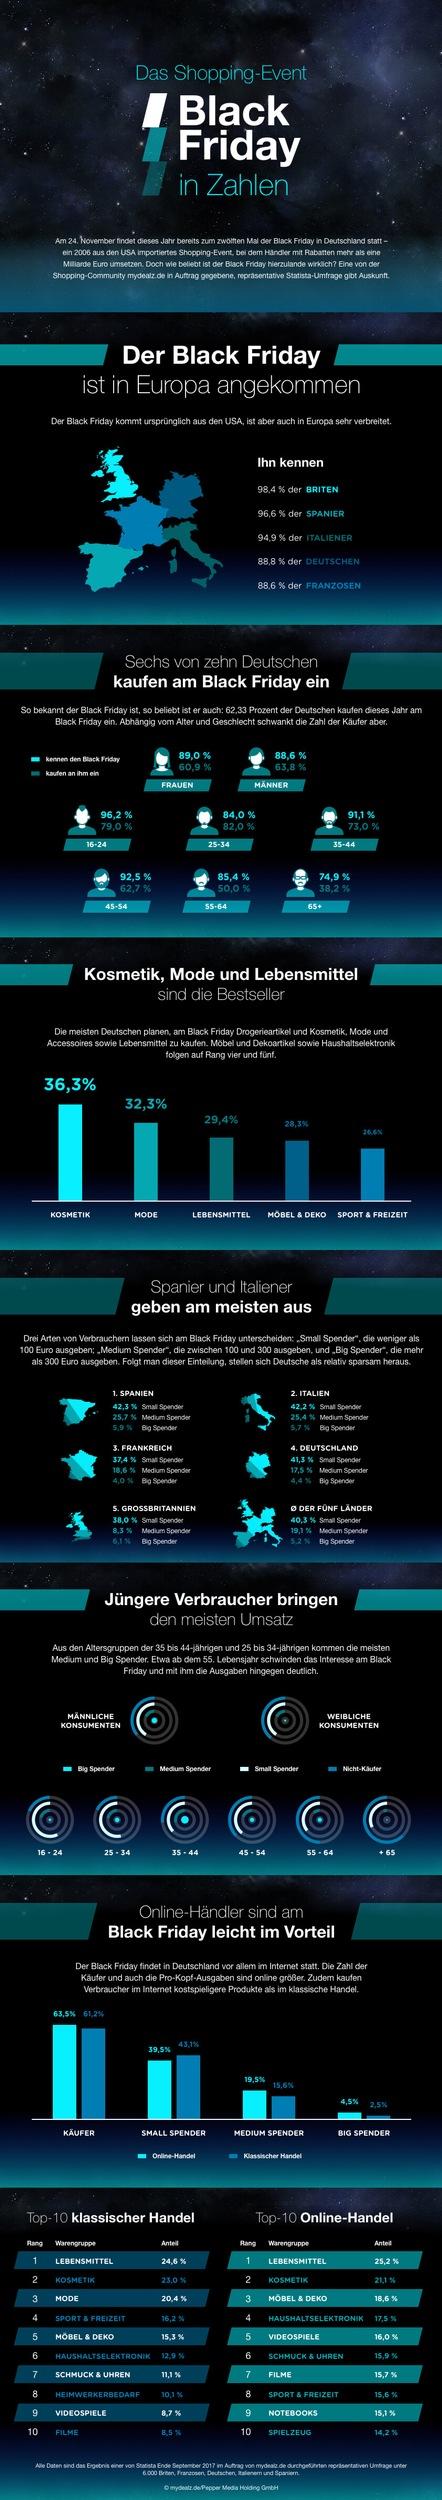 Studie zum Shopping-Event Black Friday: So beliebt ist die US-Tradition in Deutschland und Europa